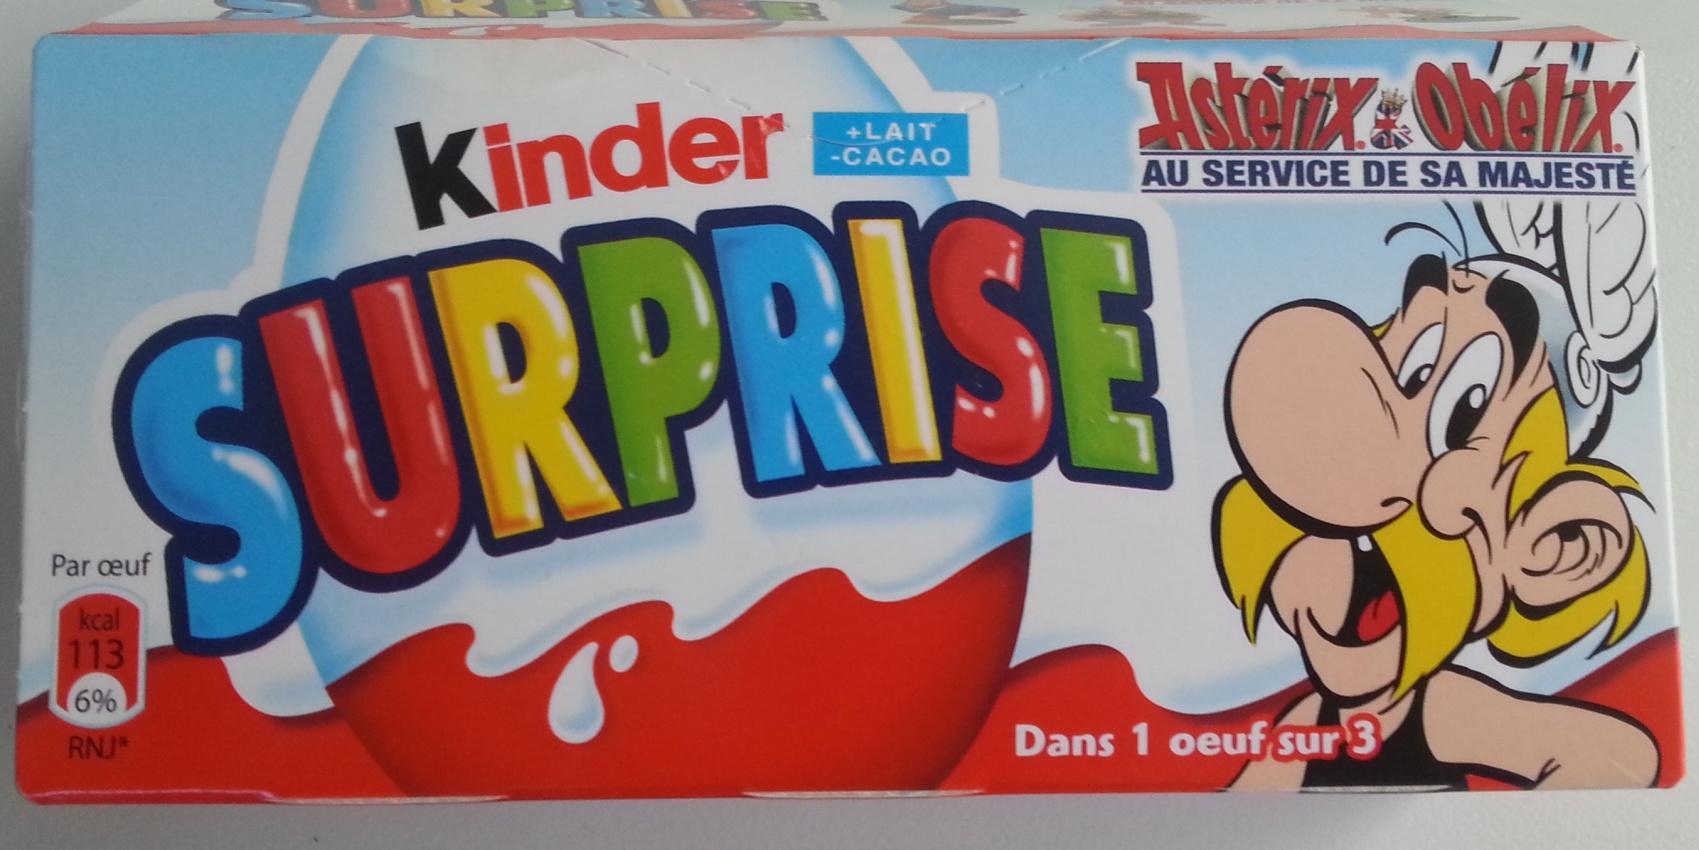 Kinder surprise Astérix et Obélix - Produit